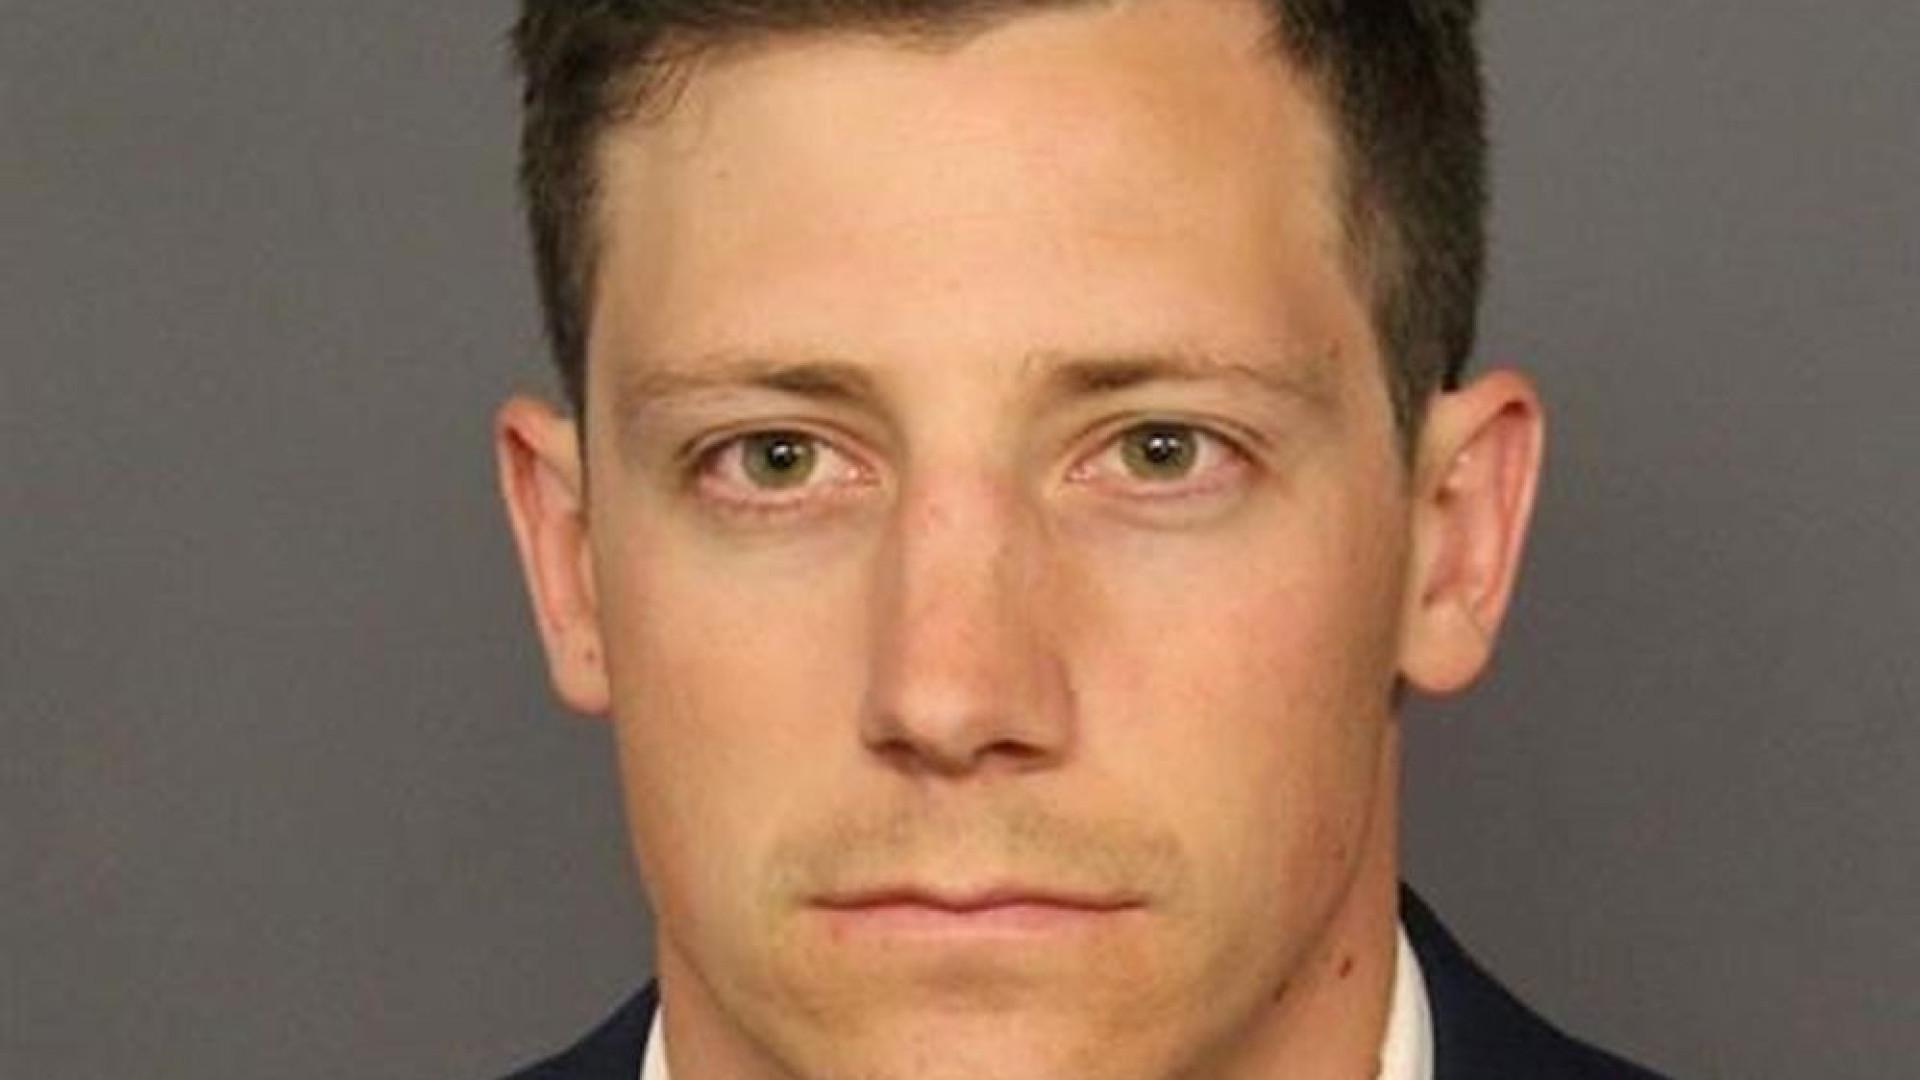 Agente do FBI que disparou enquanto dançava é acusado e irá a tribunal